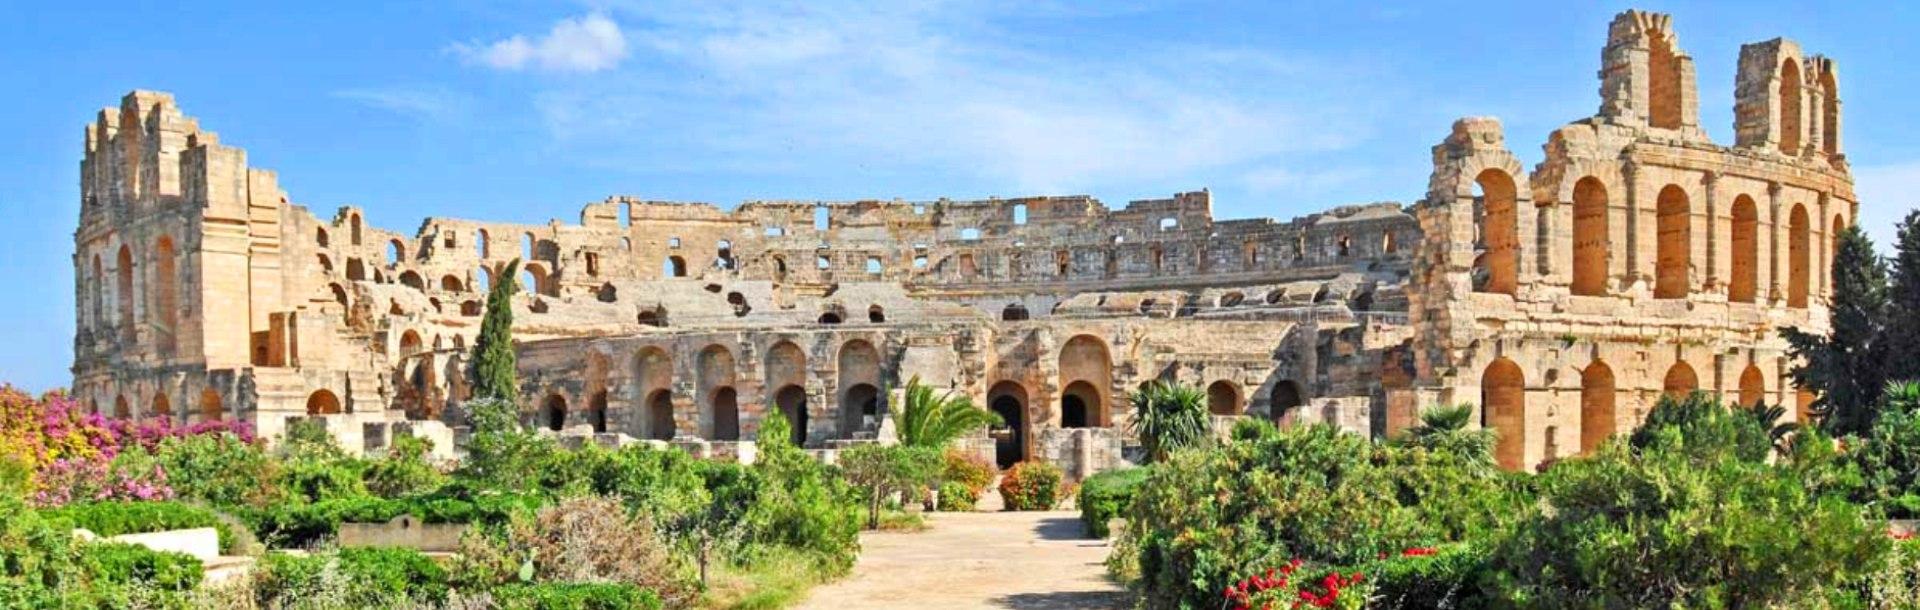 Римский Амфитеатр, Тунис